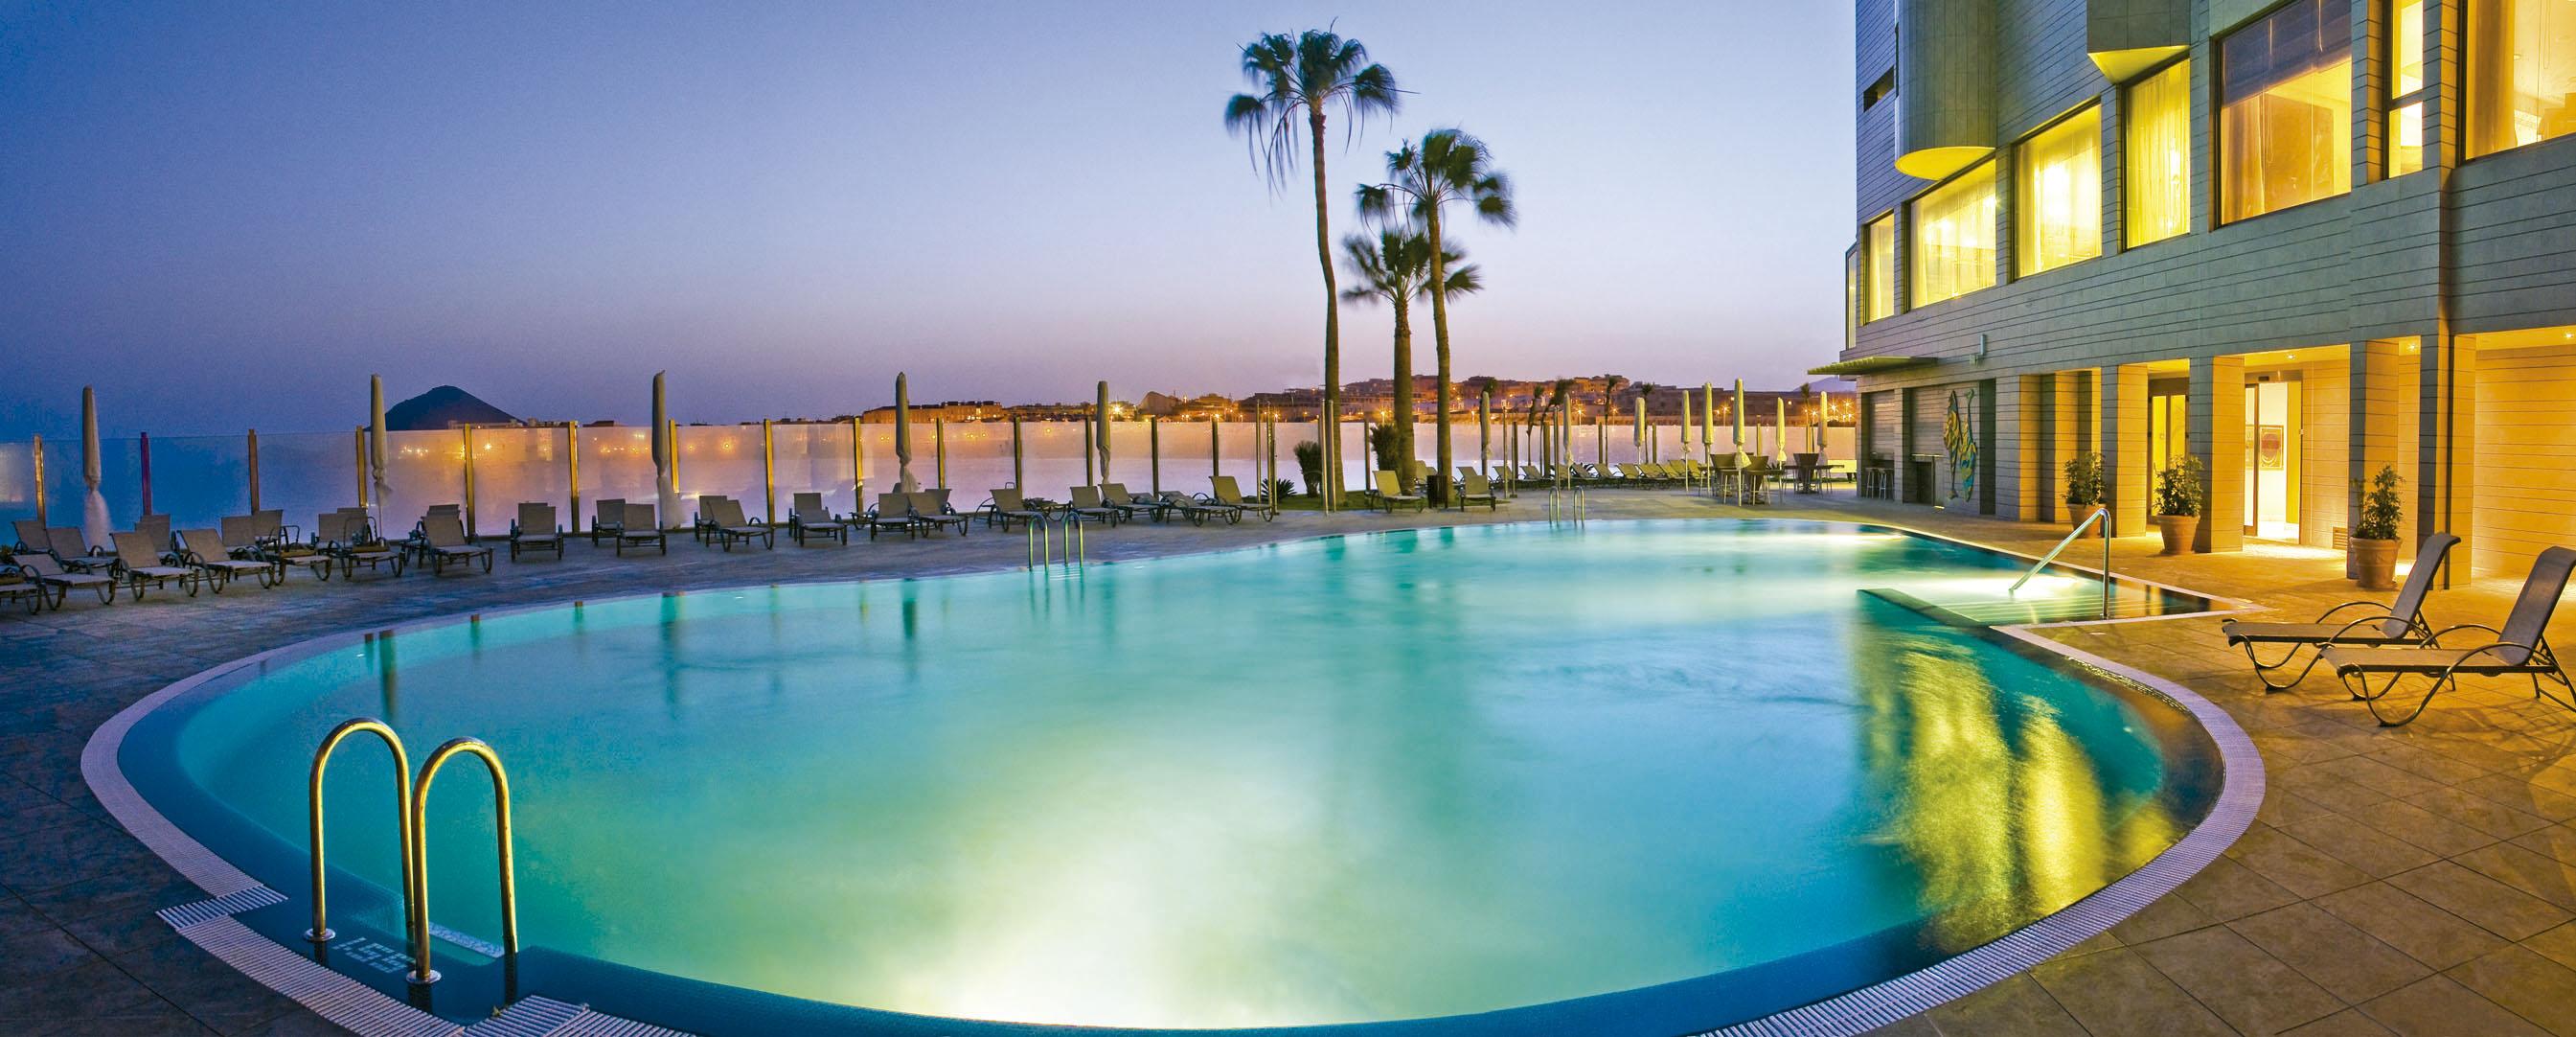 Kn Hotel arenas del mar